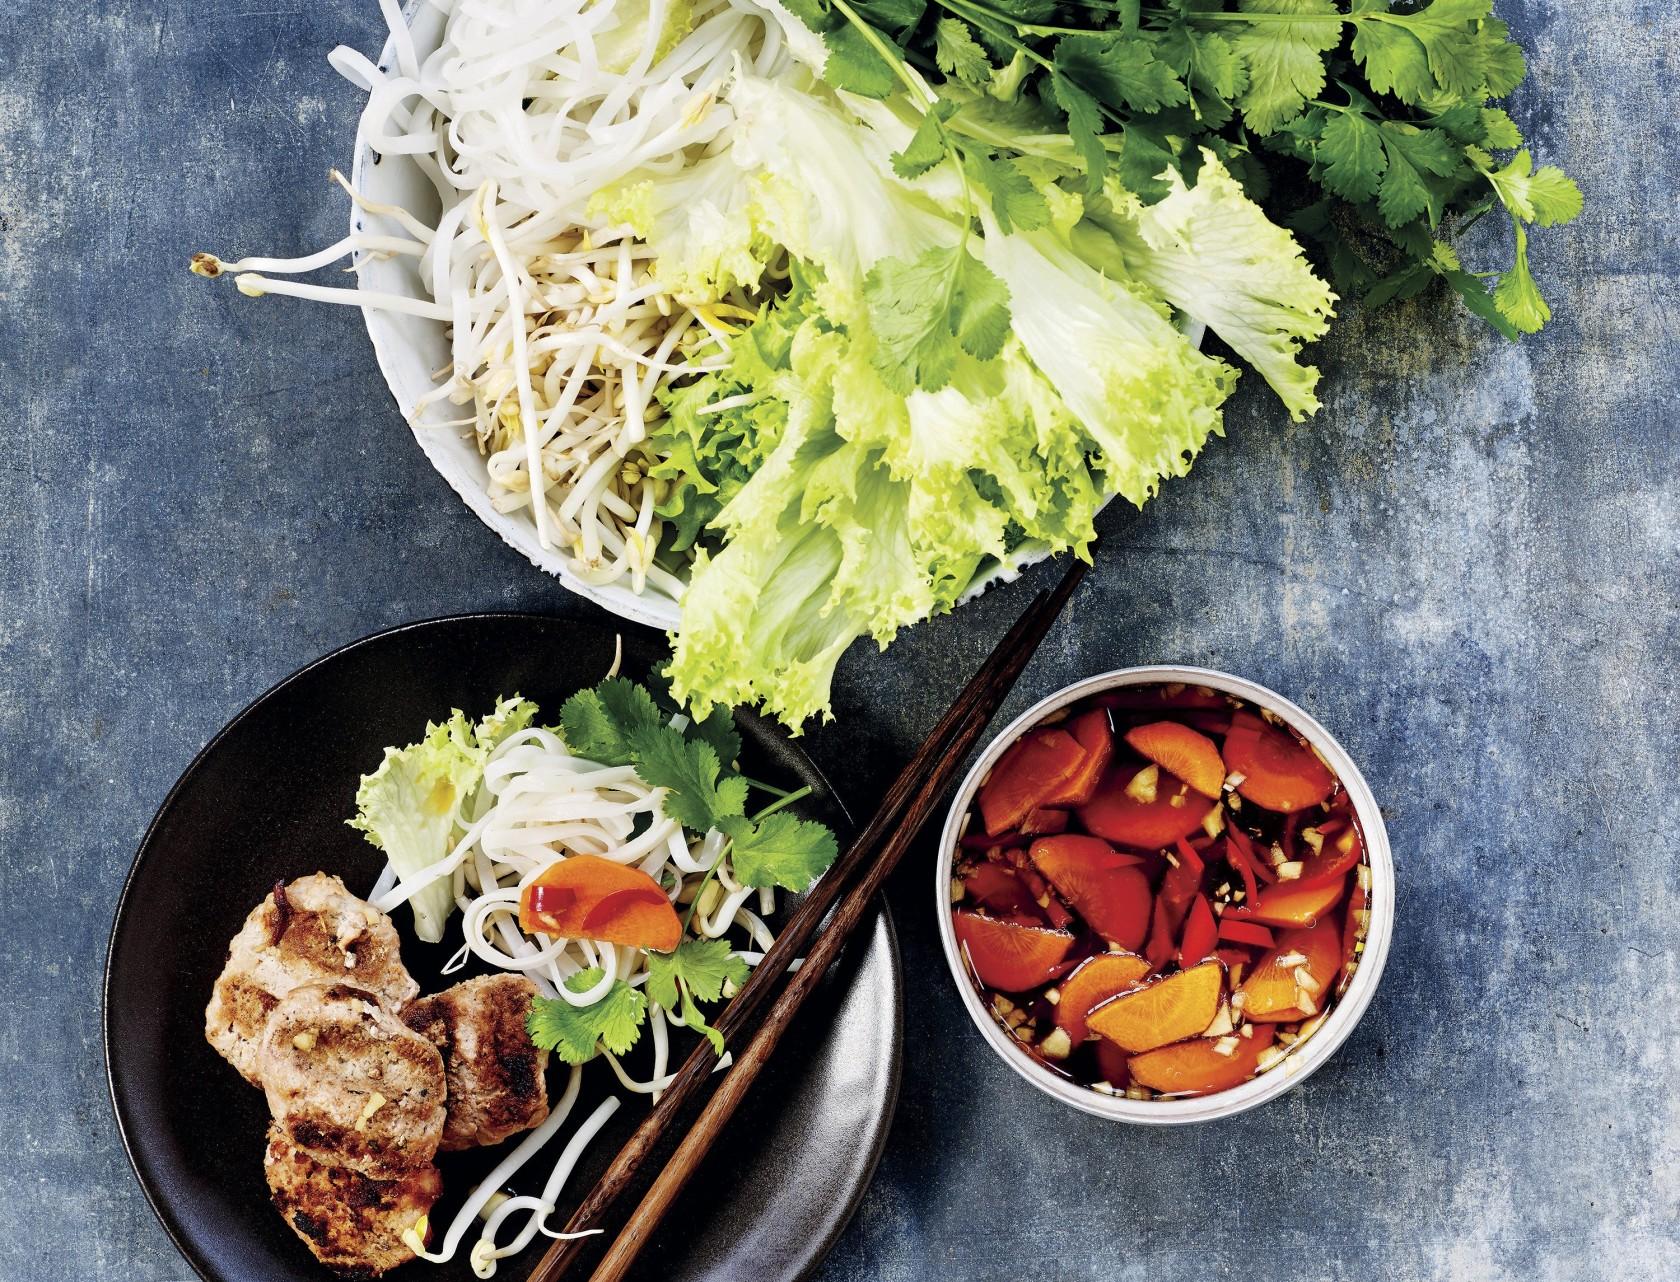 Asiatisk ret med grillede frikadeller med risnudler og gulerodsdip